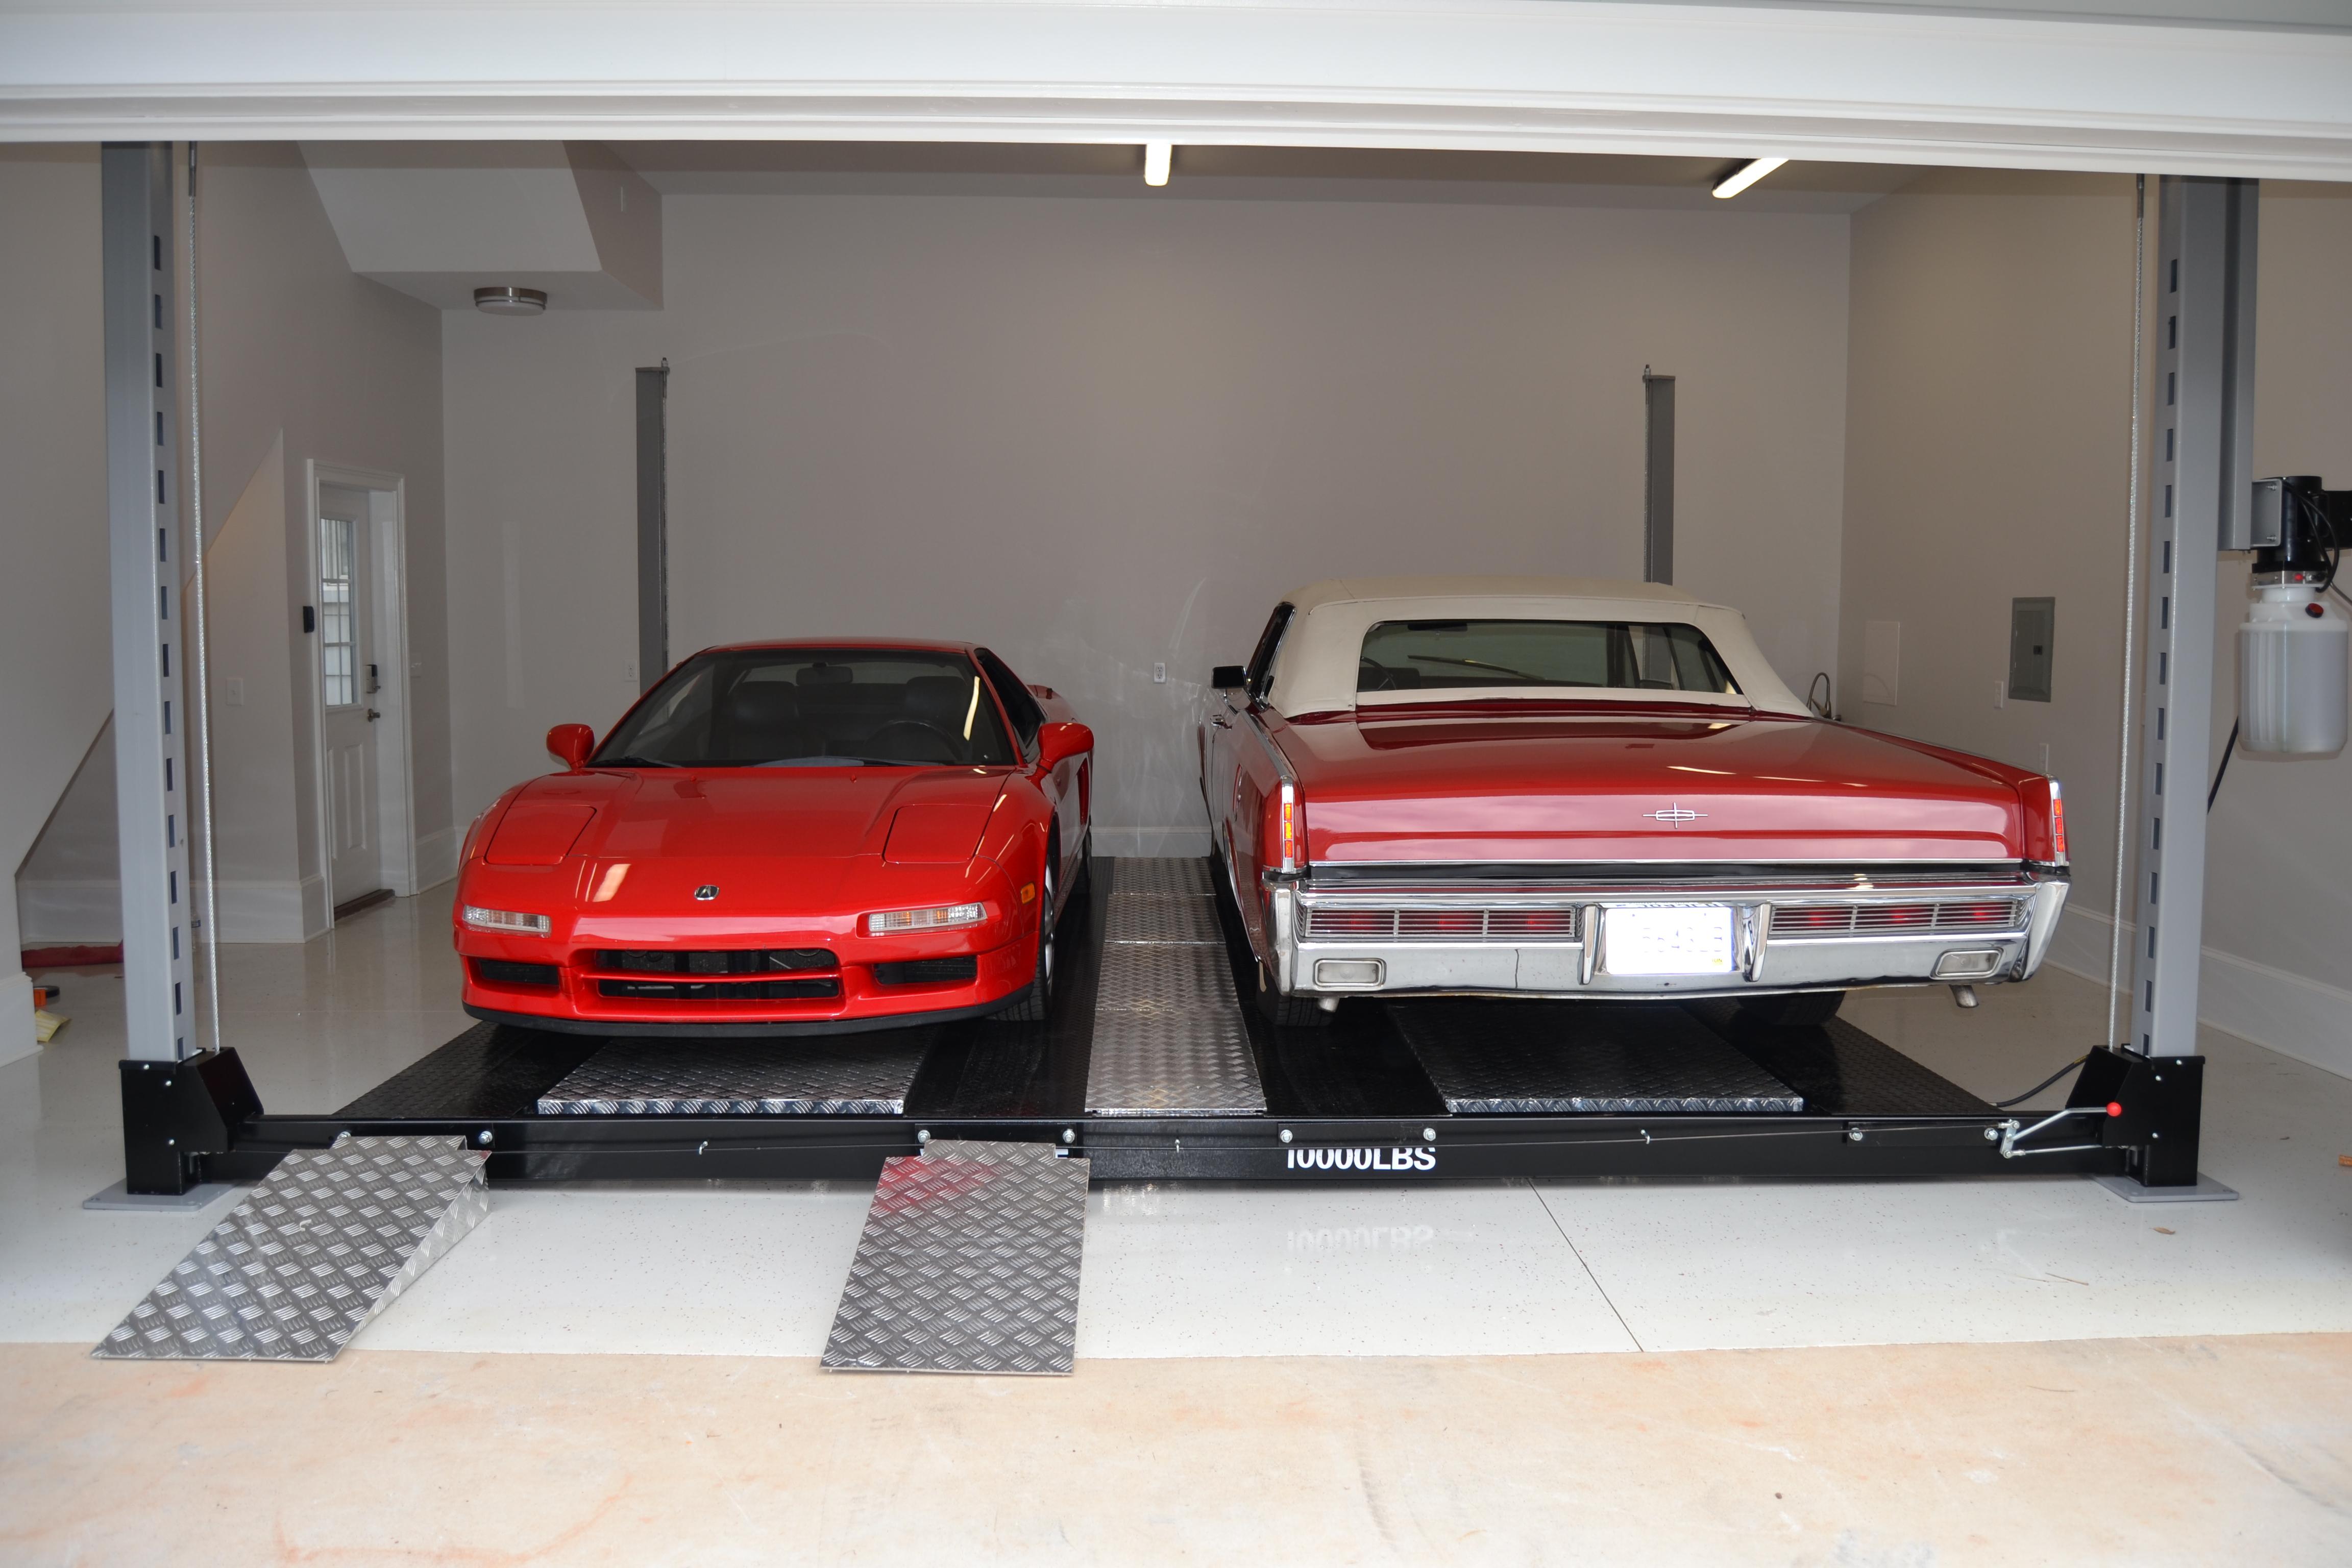 Double Wide Car Lift   4 Post Car Lifts   Safest, Highest